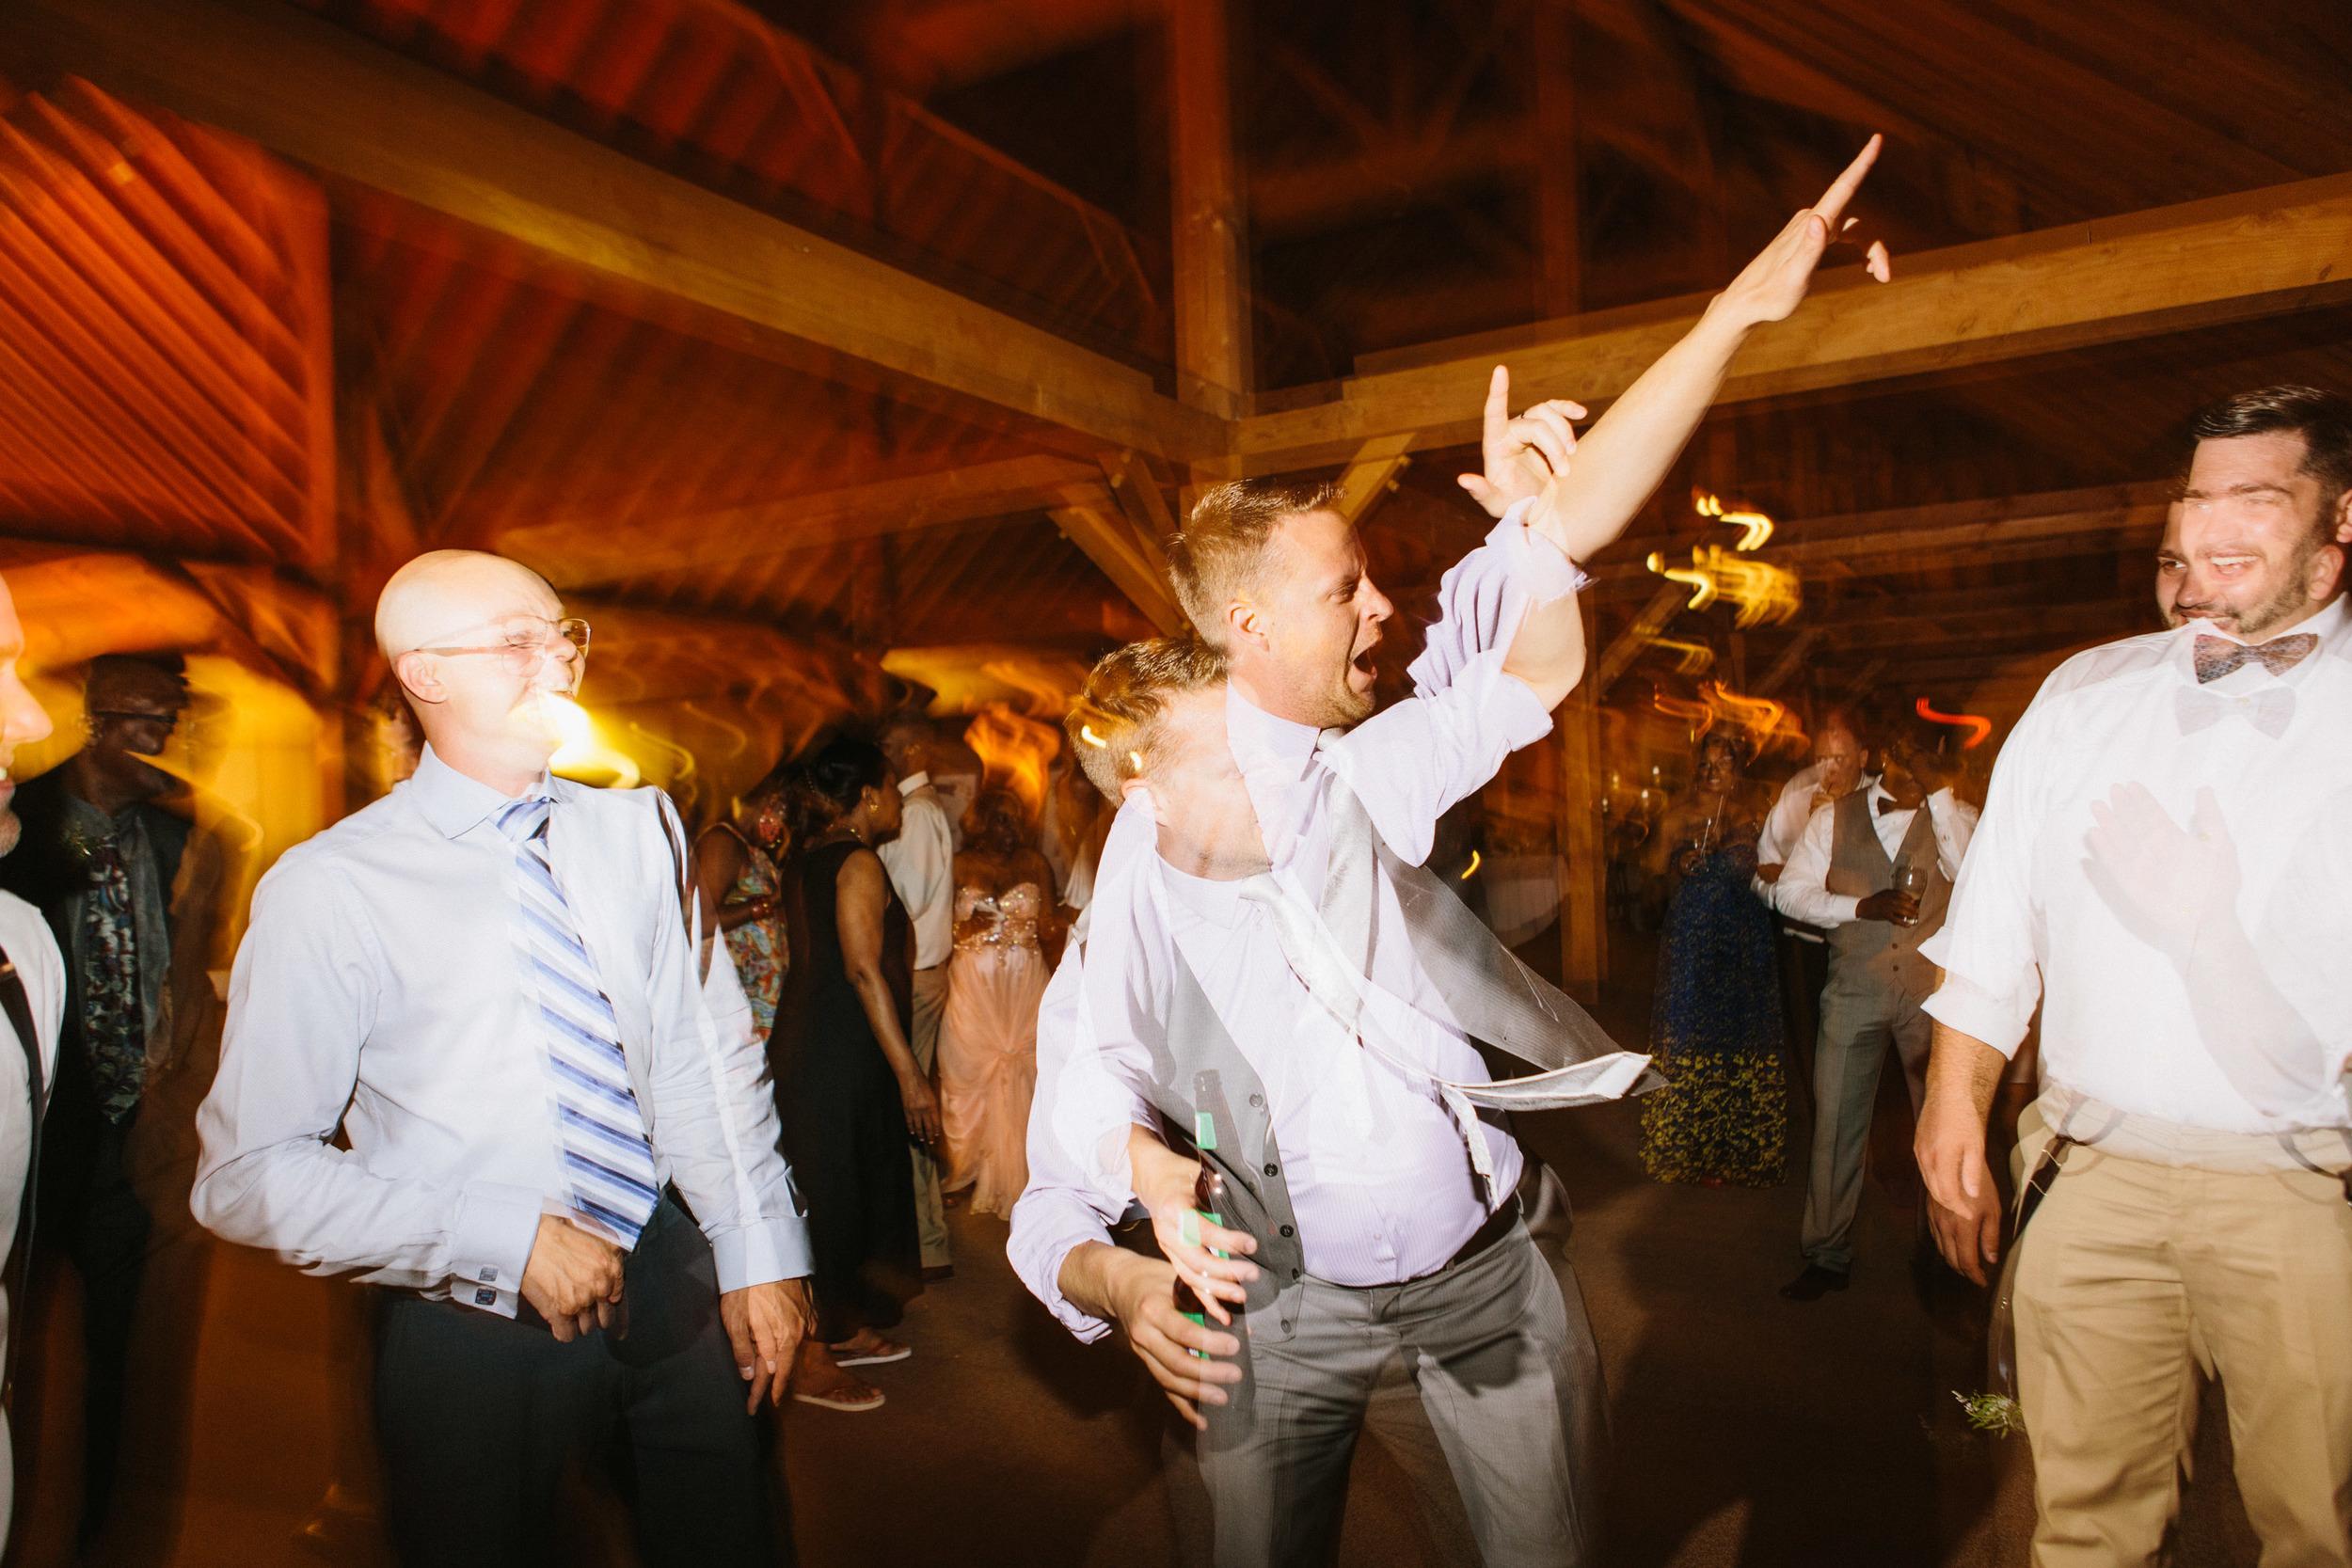 michael-rousseau-photography-shannae-ingleton-wedding-sean-craigleith-ski-club-wedding101.jpg